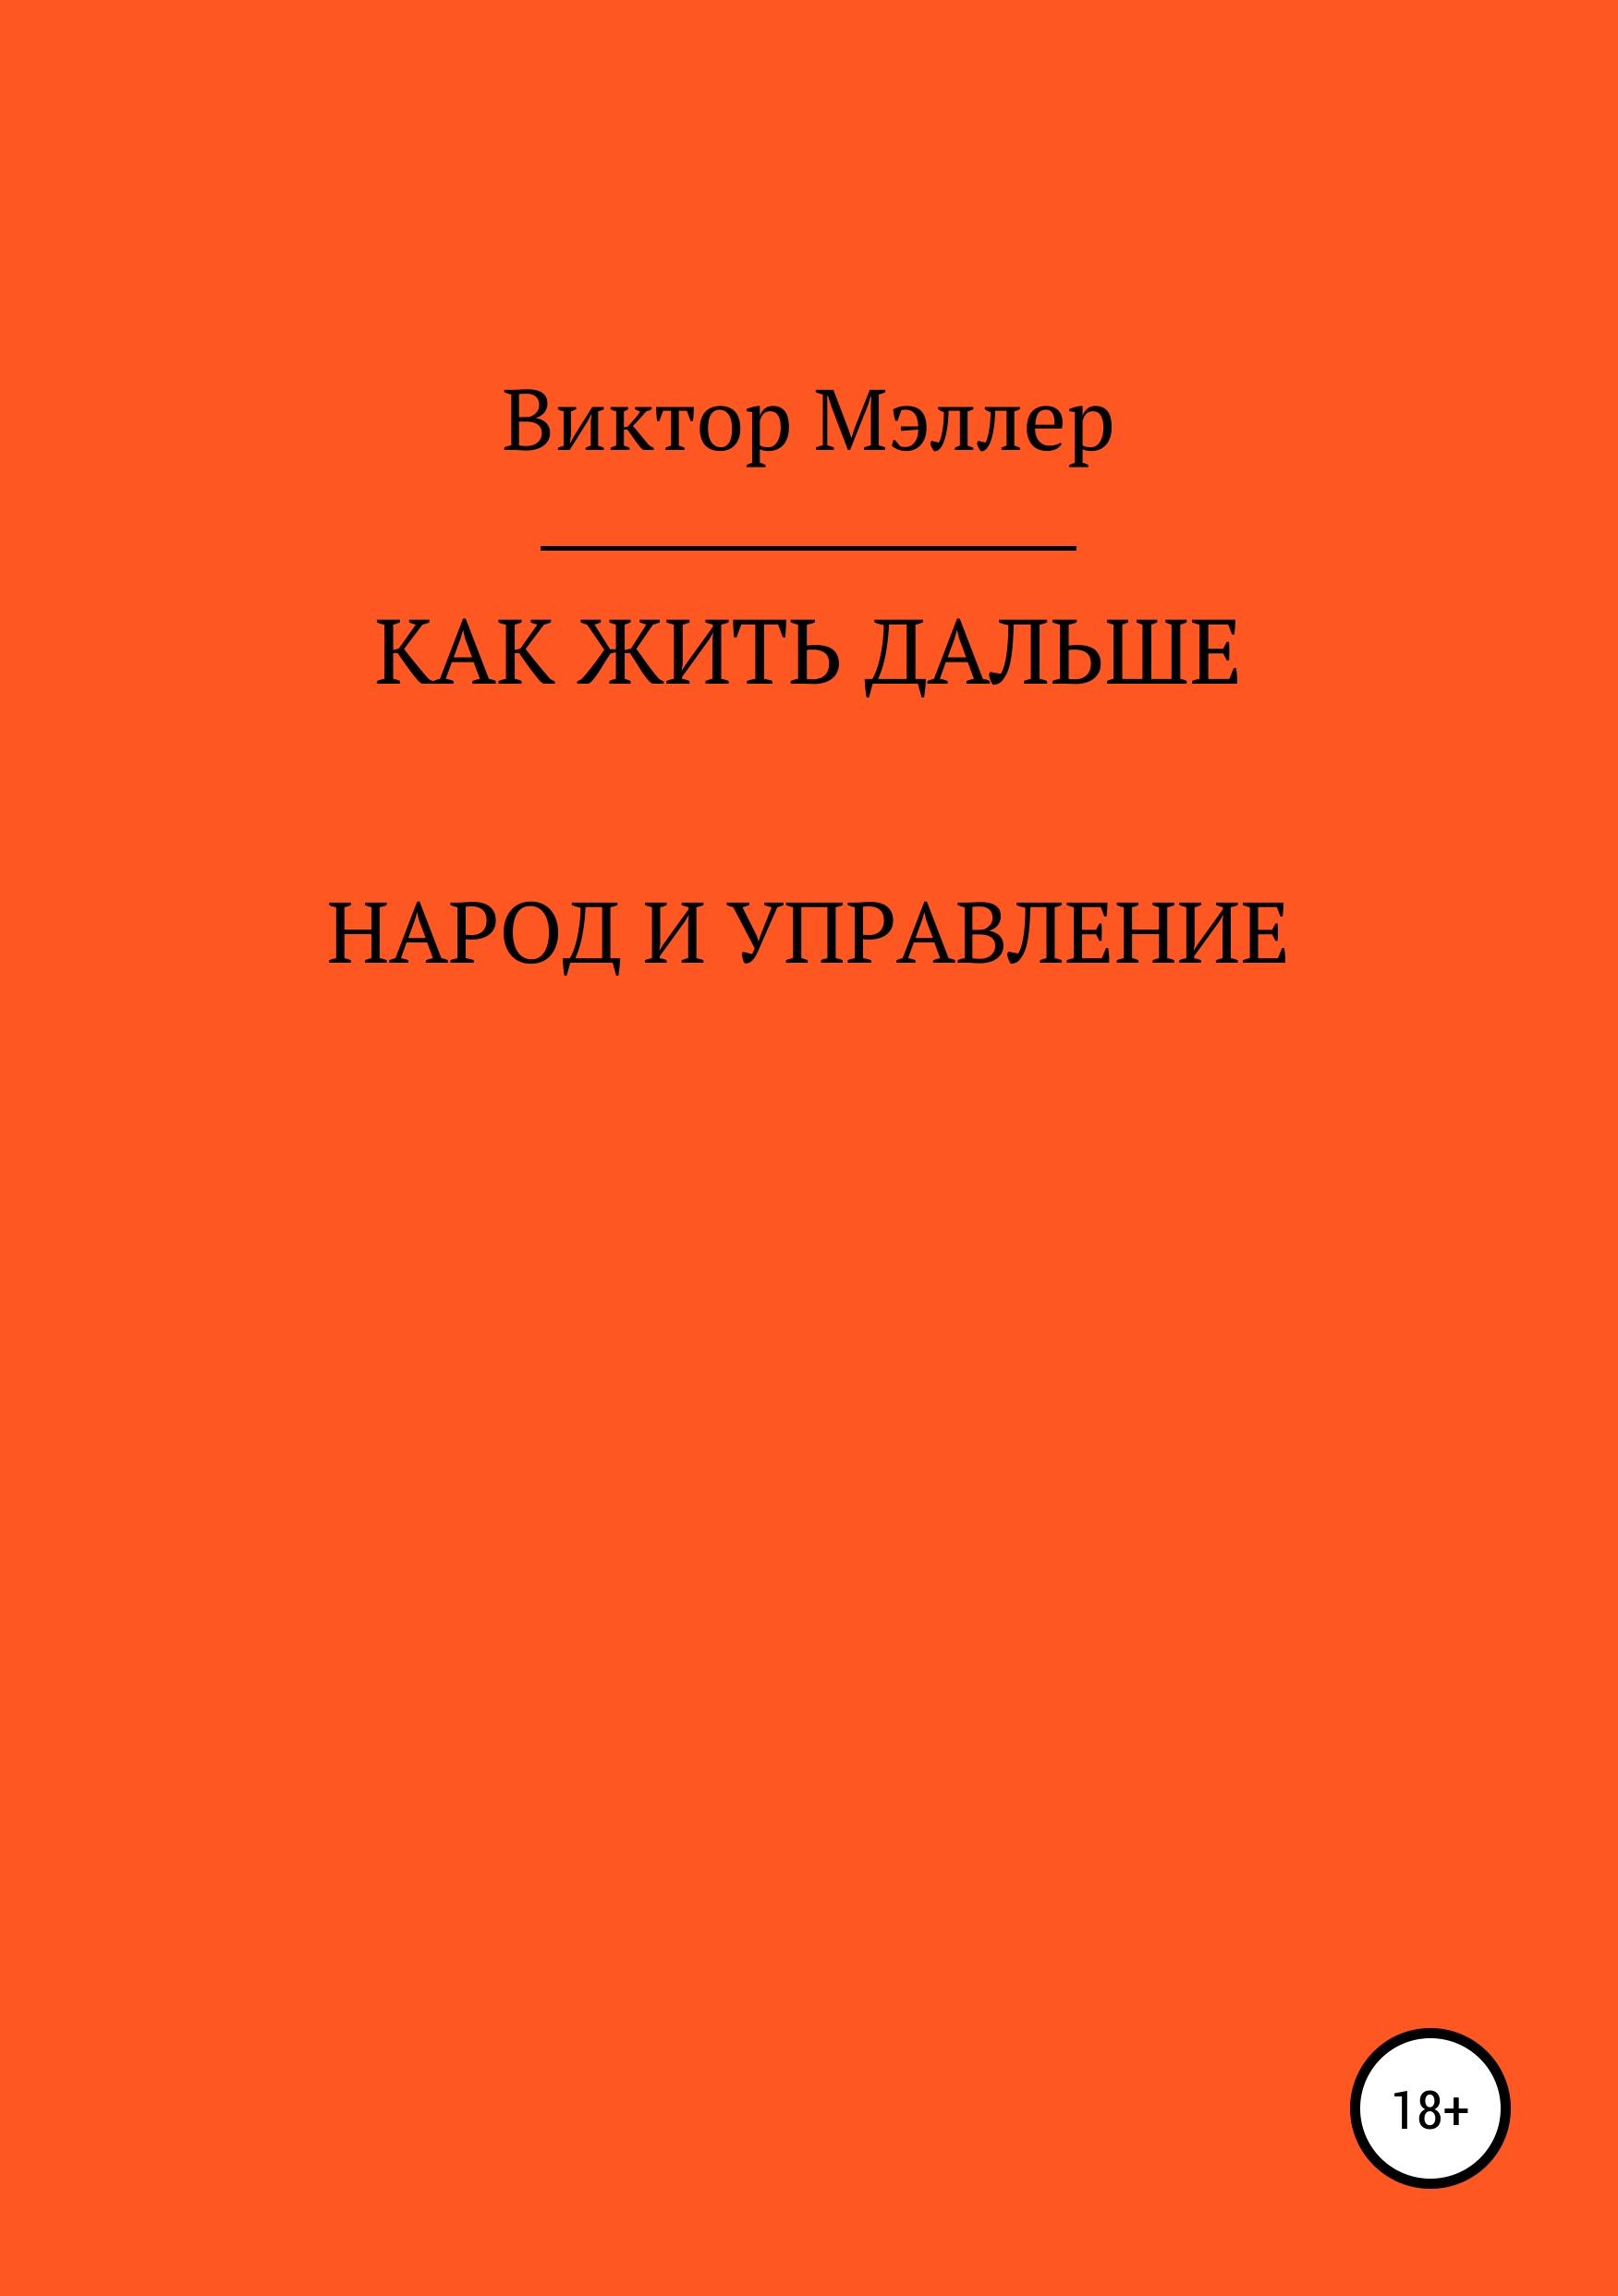 Виктор Мэллер Как жить дальше виктор григорьевич мэллер ключ к истинам